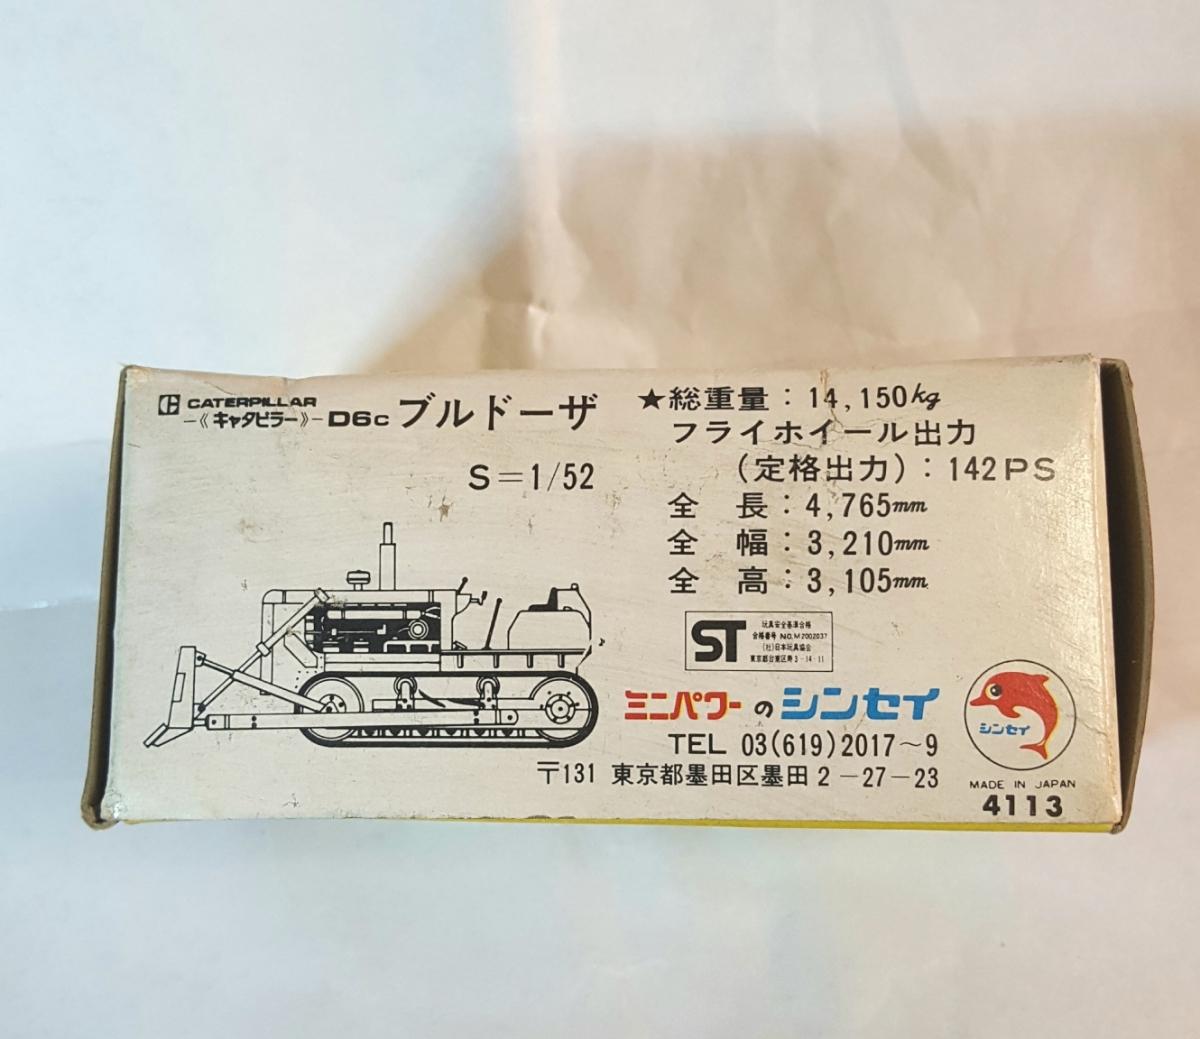 昭和 日本製 シンセイ ミニパワー 13 CATERPILLAR キャタピラー D6c ブルドーザ 52 CAT 未使用 正規品 SHINSEI MINI POWER ミニカー 超合金_画像8